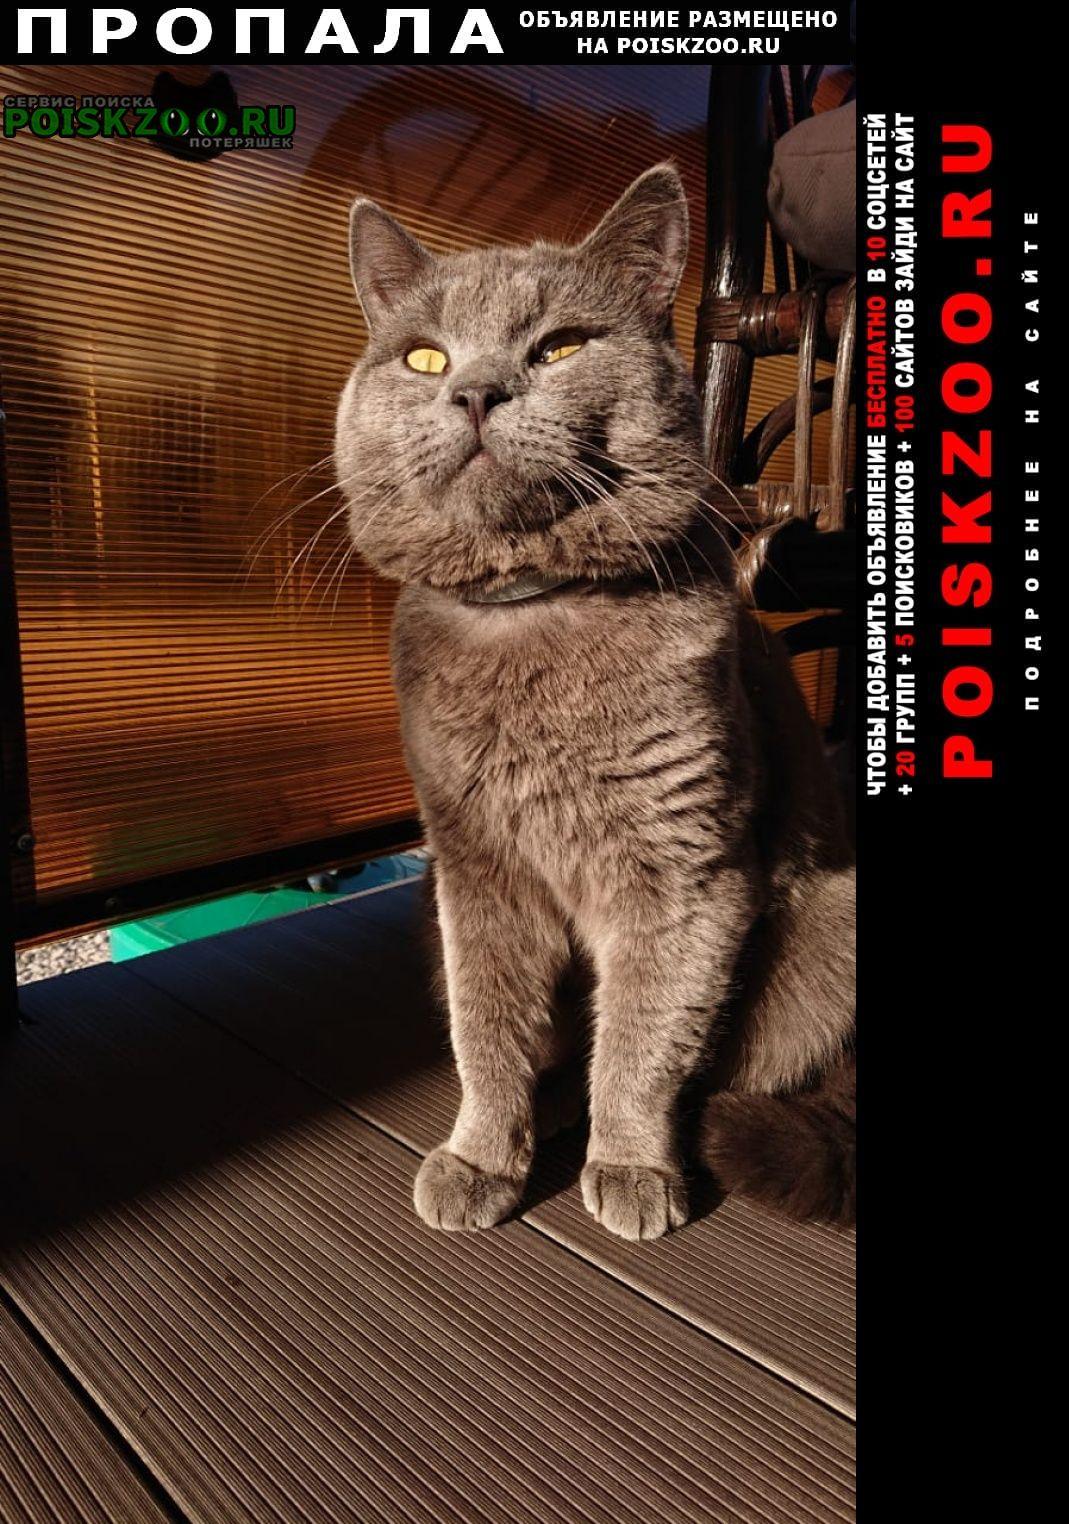 Пропал кот, полтора года, серый британец. Заокский